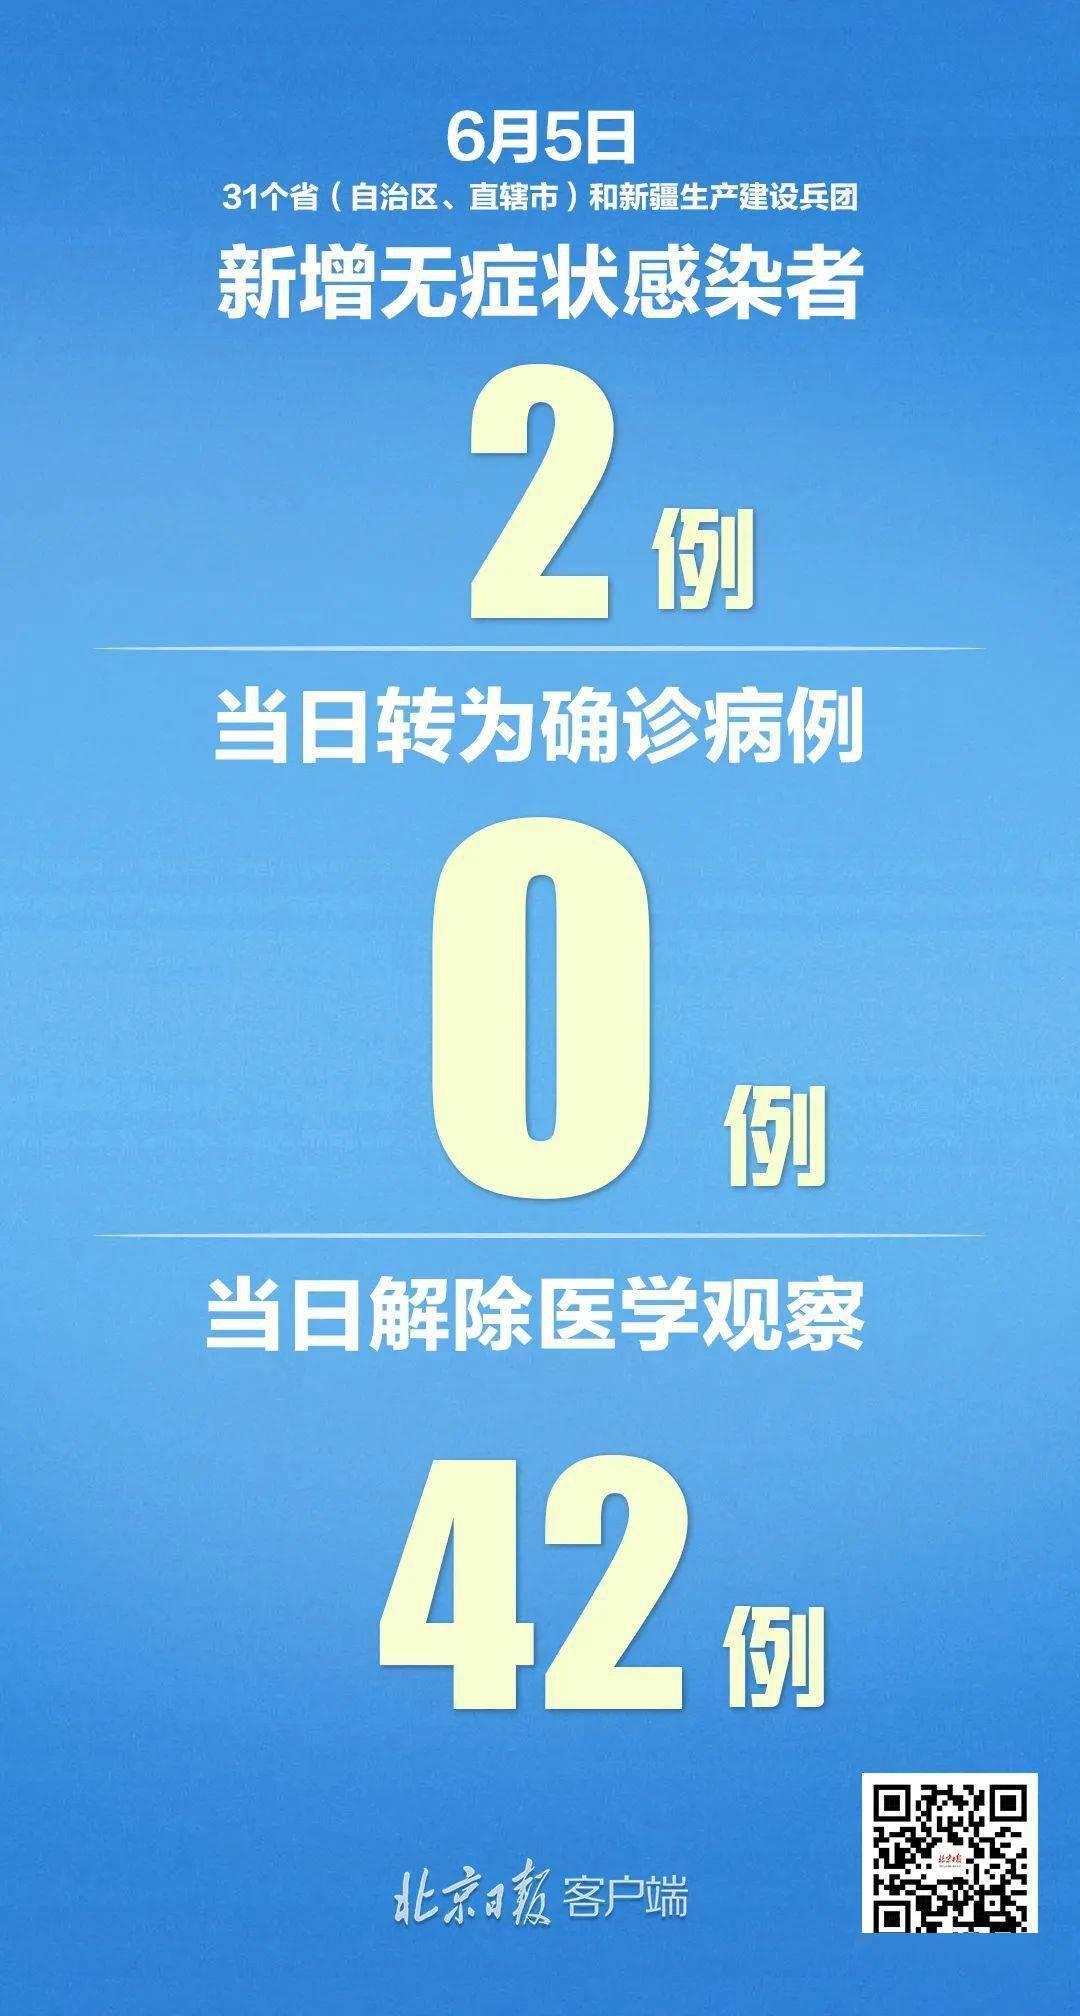 31省区市首次确诊病例0新增